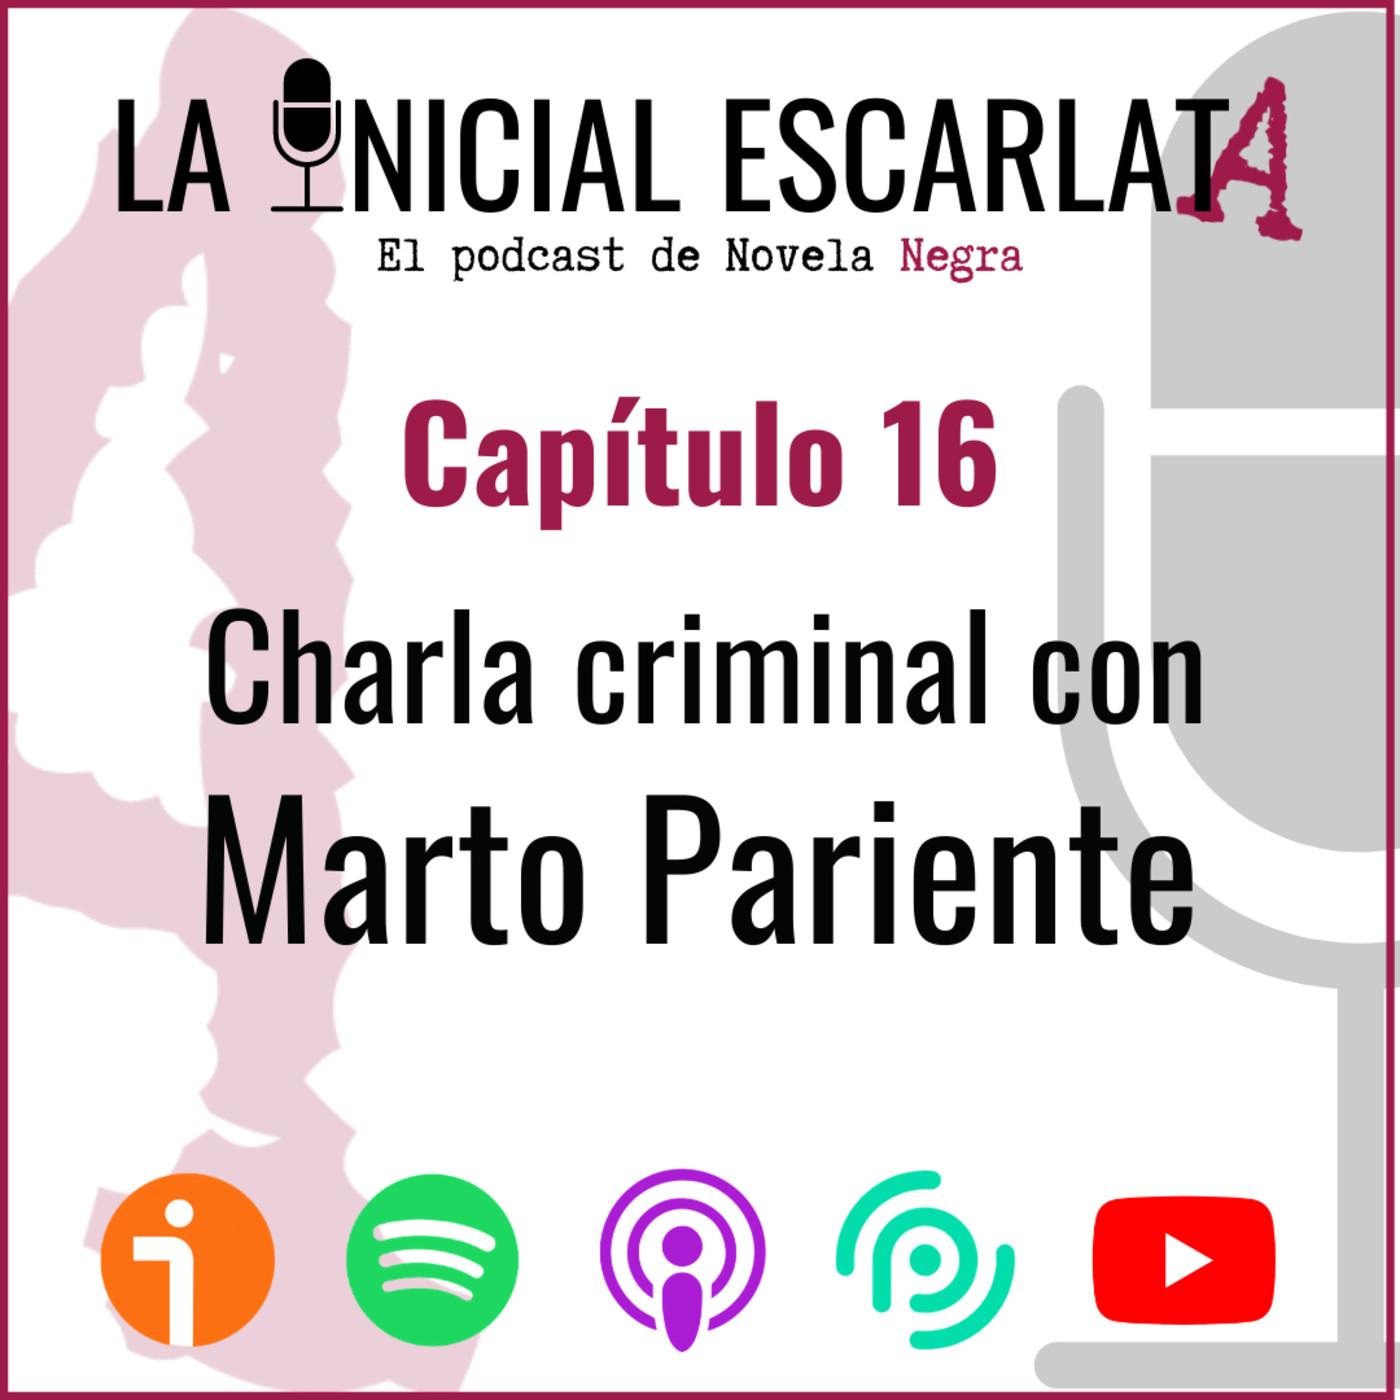 Capítulo 16: Charla criminal con Marto Pariente (@martopariente)